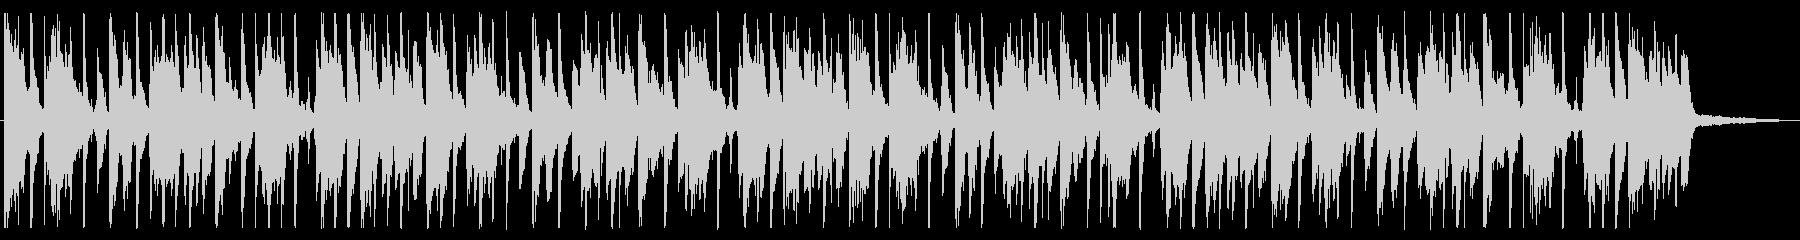 都会/ヒップホップ_No453_5の未再生の波形